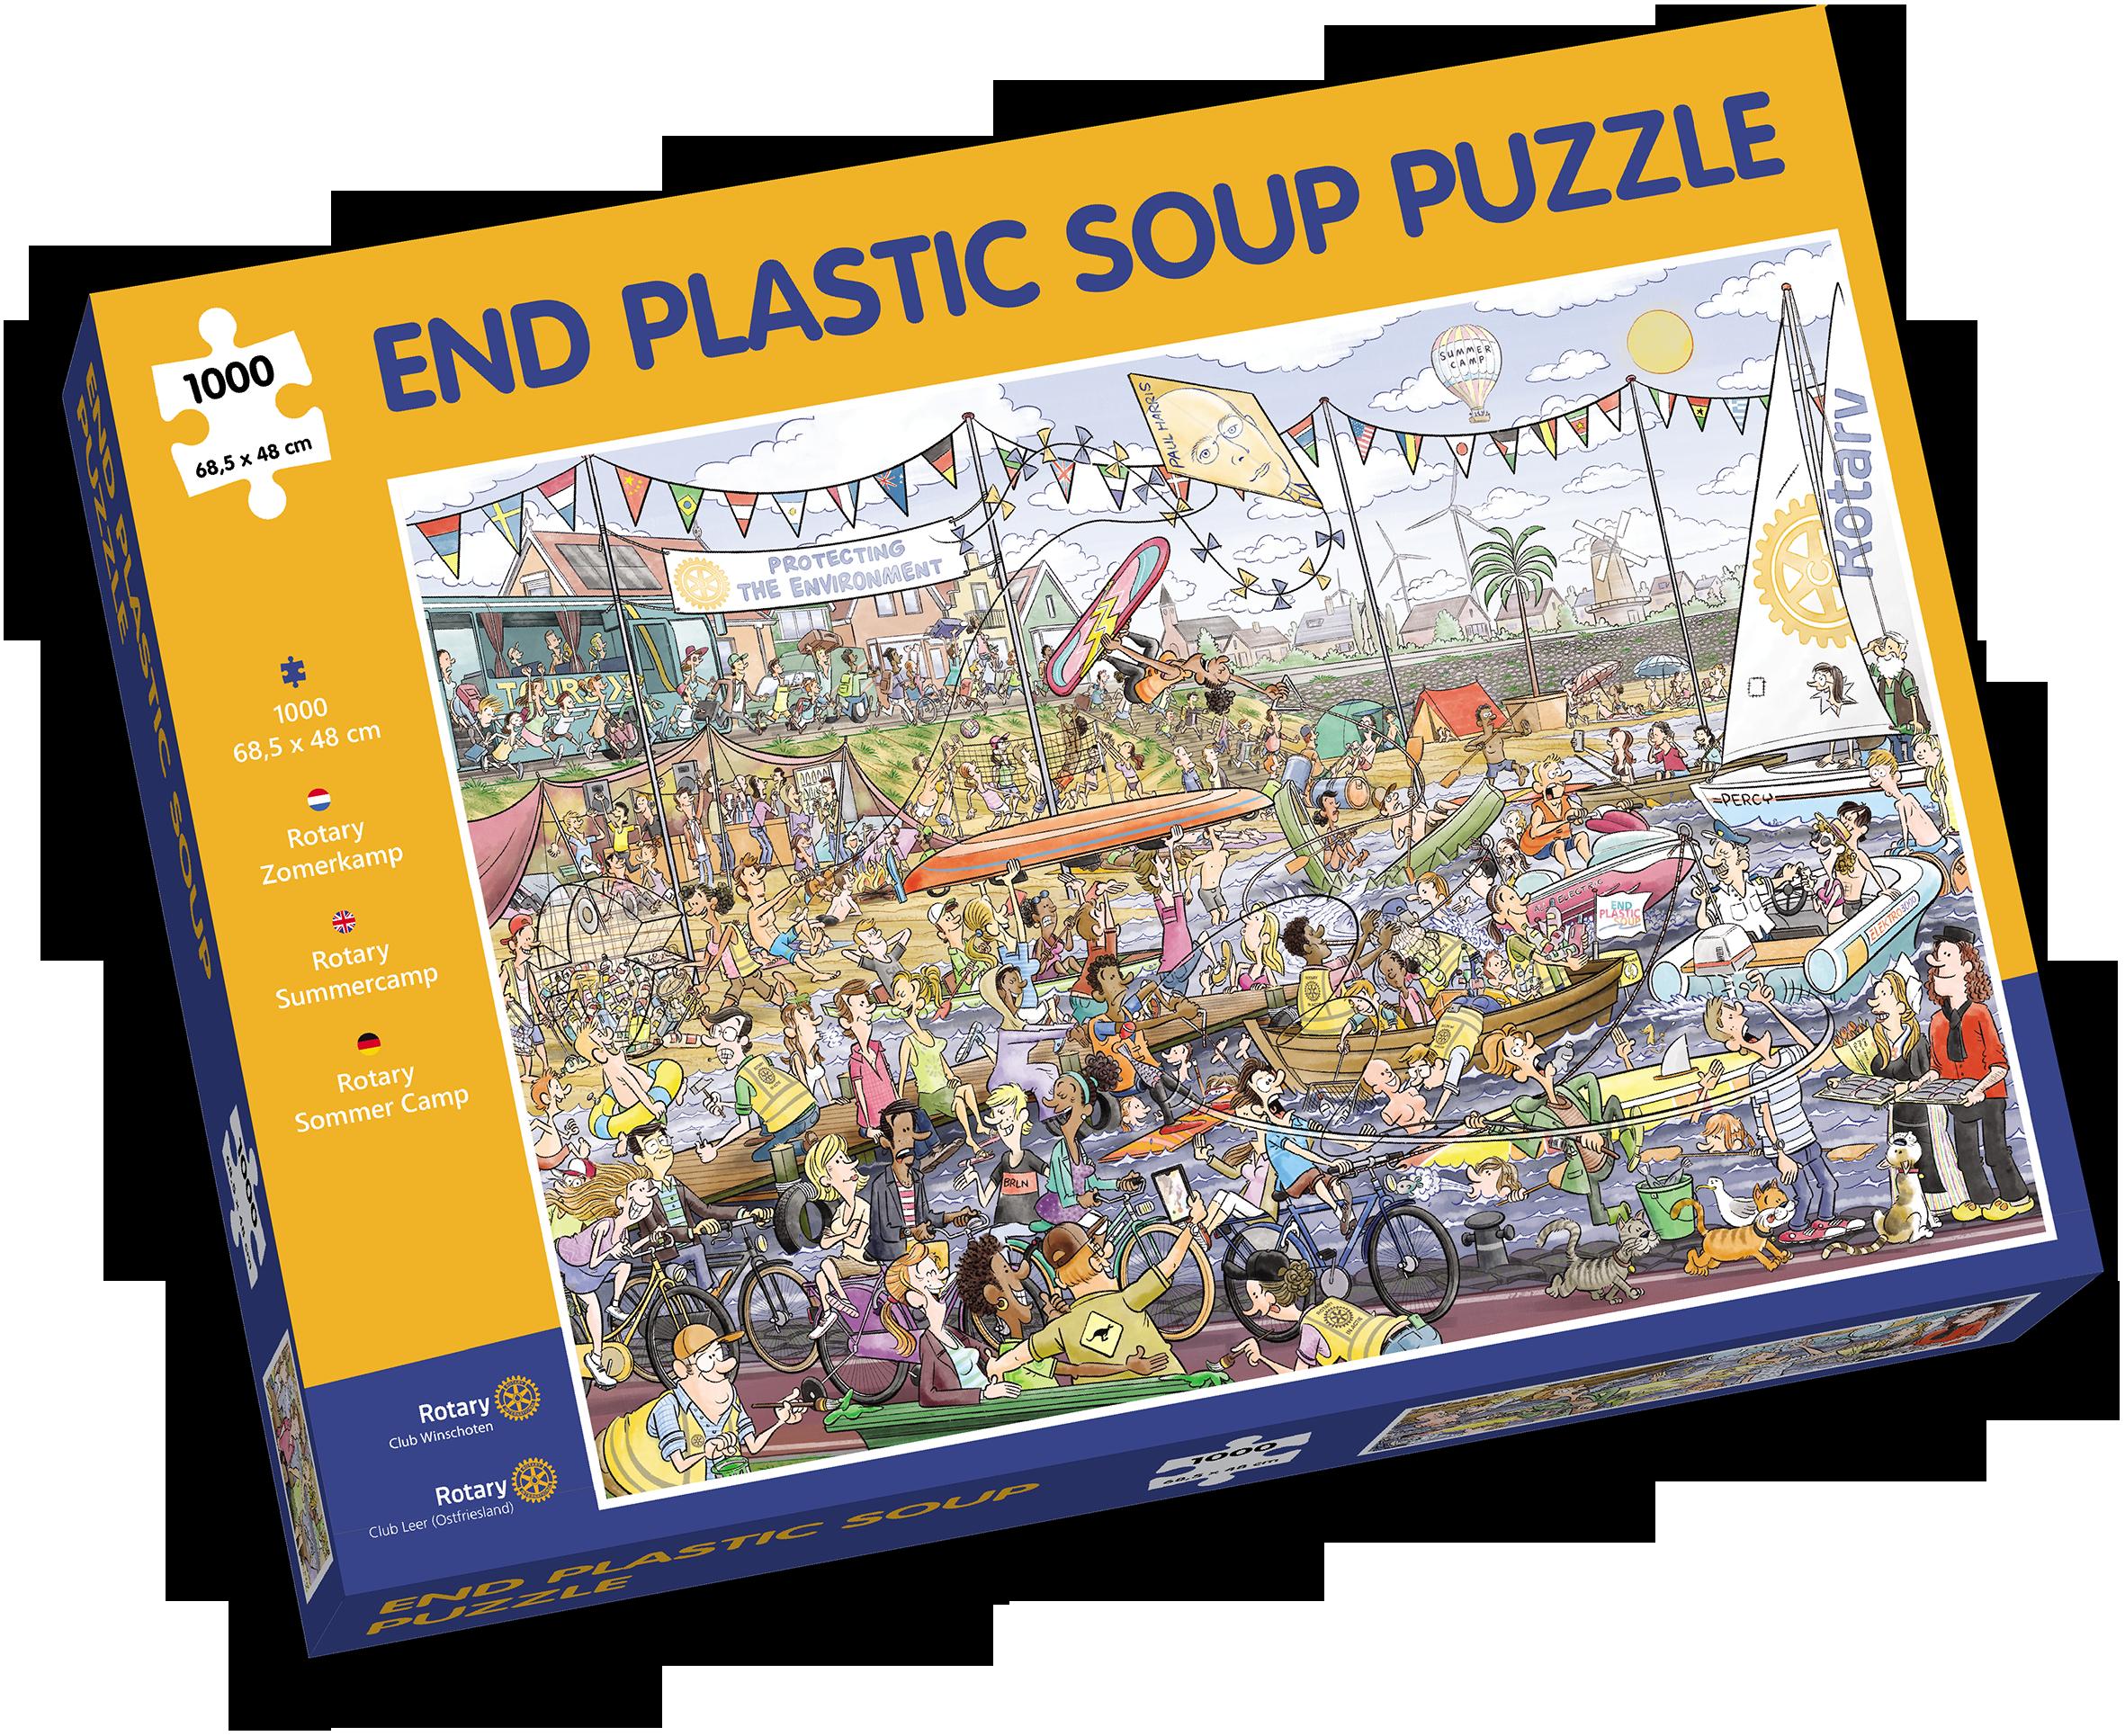 'Puzzel mee voor een schone zee'; Rotary Huizen Gooimeer met zomerpuzzel van duizend stukjes in actie voor stichting EndPlasticSoup